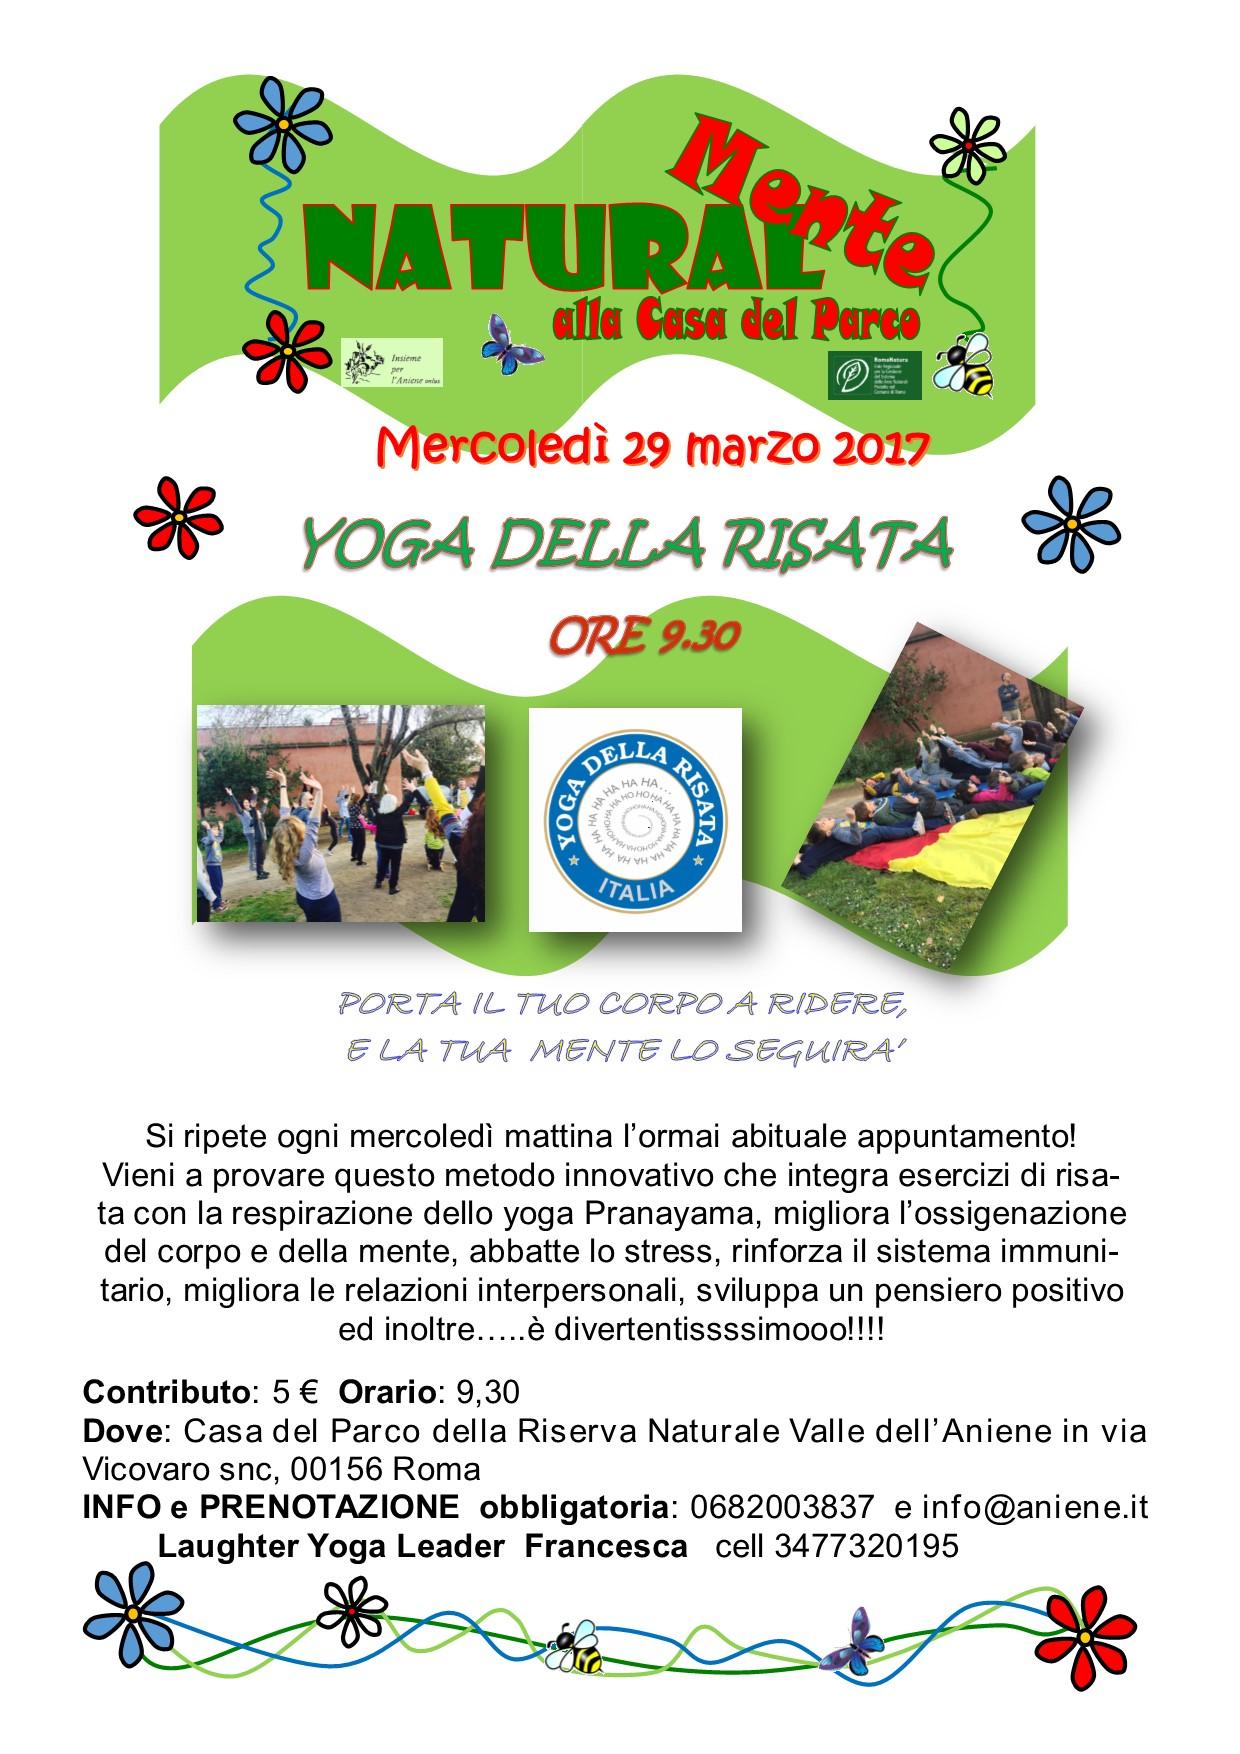 Yoga della Risata - mercoledì 29 marzo mattina e pomeriggio